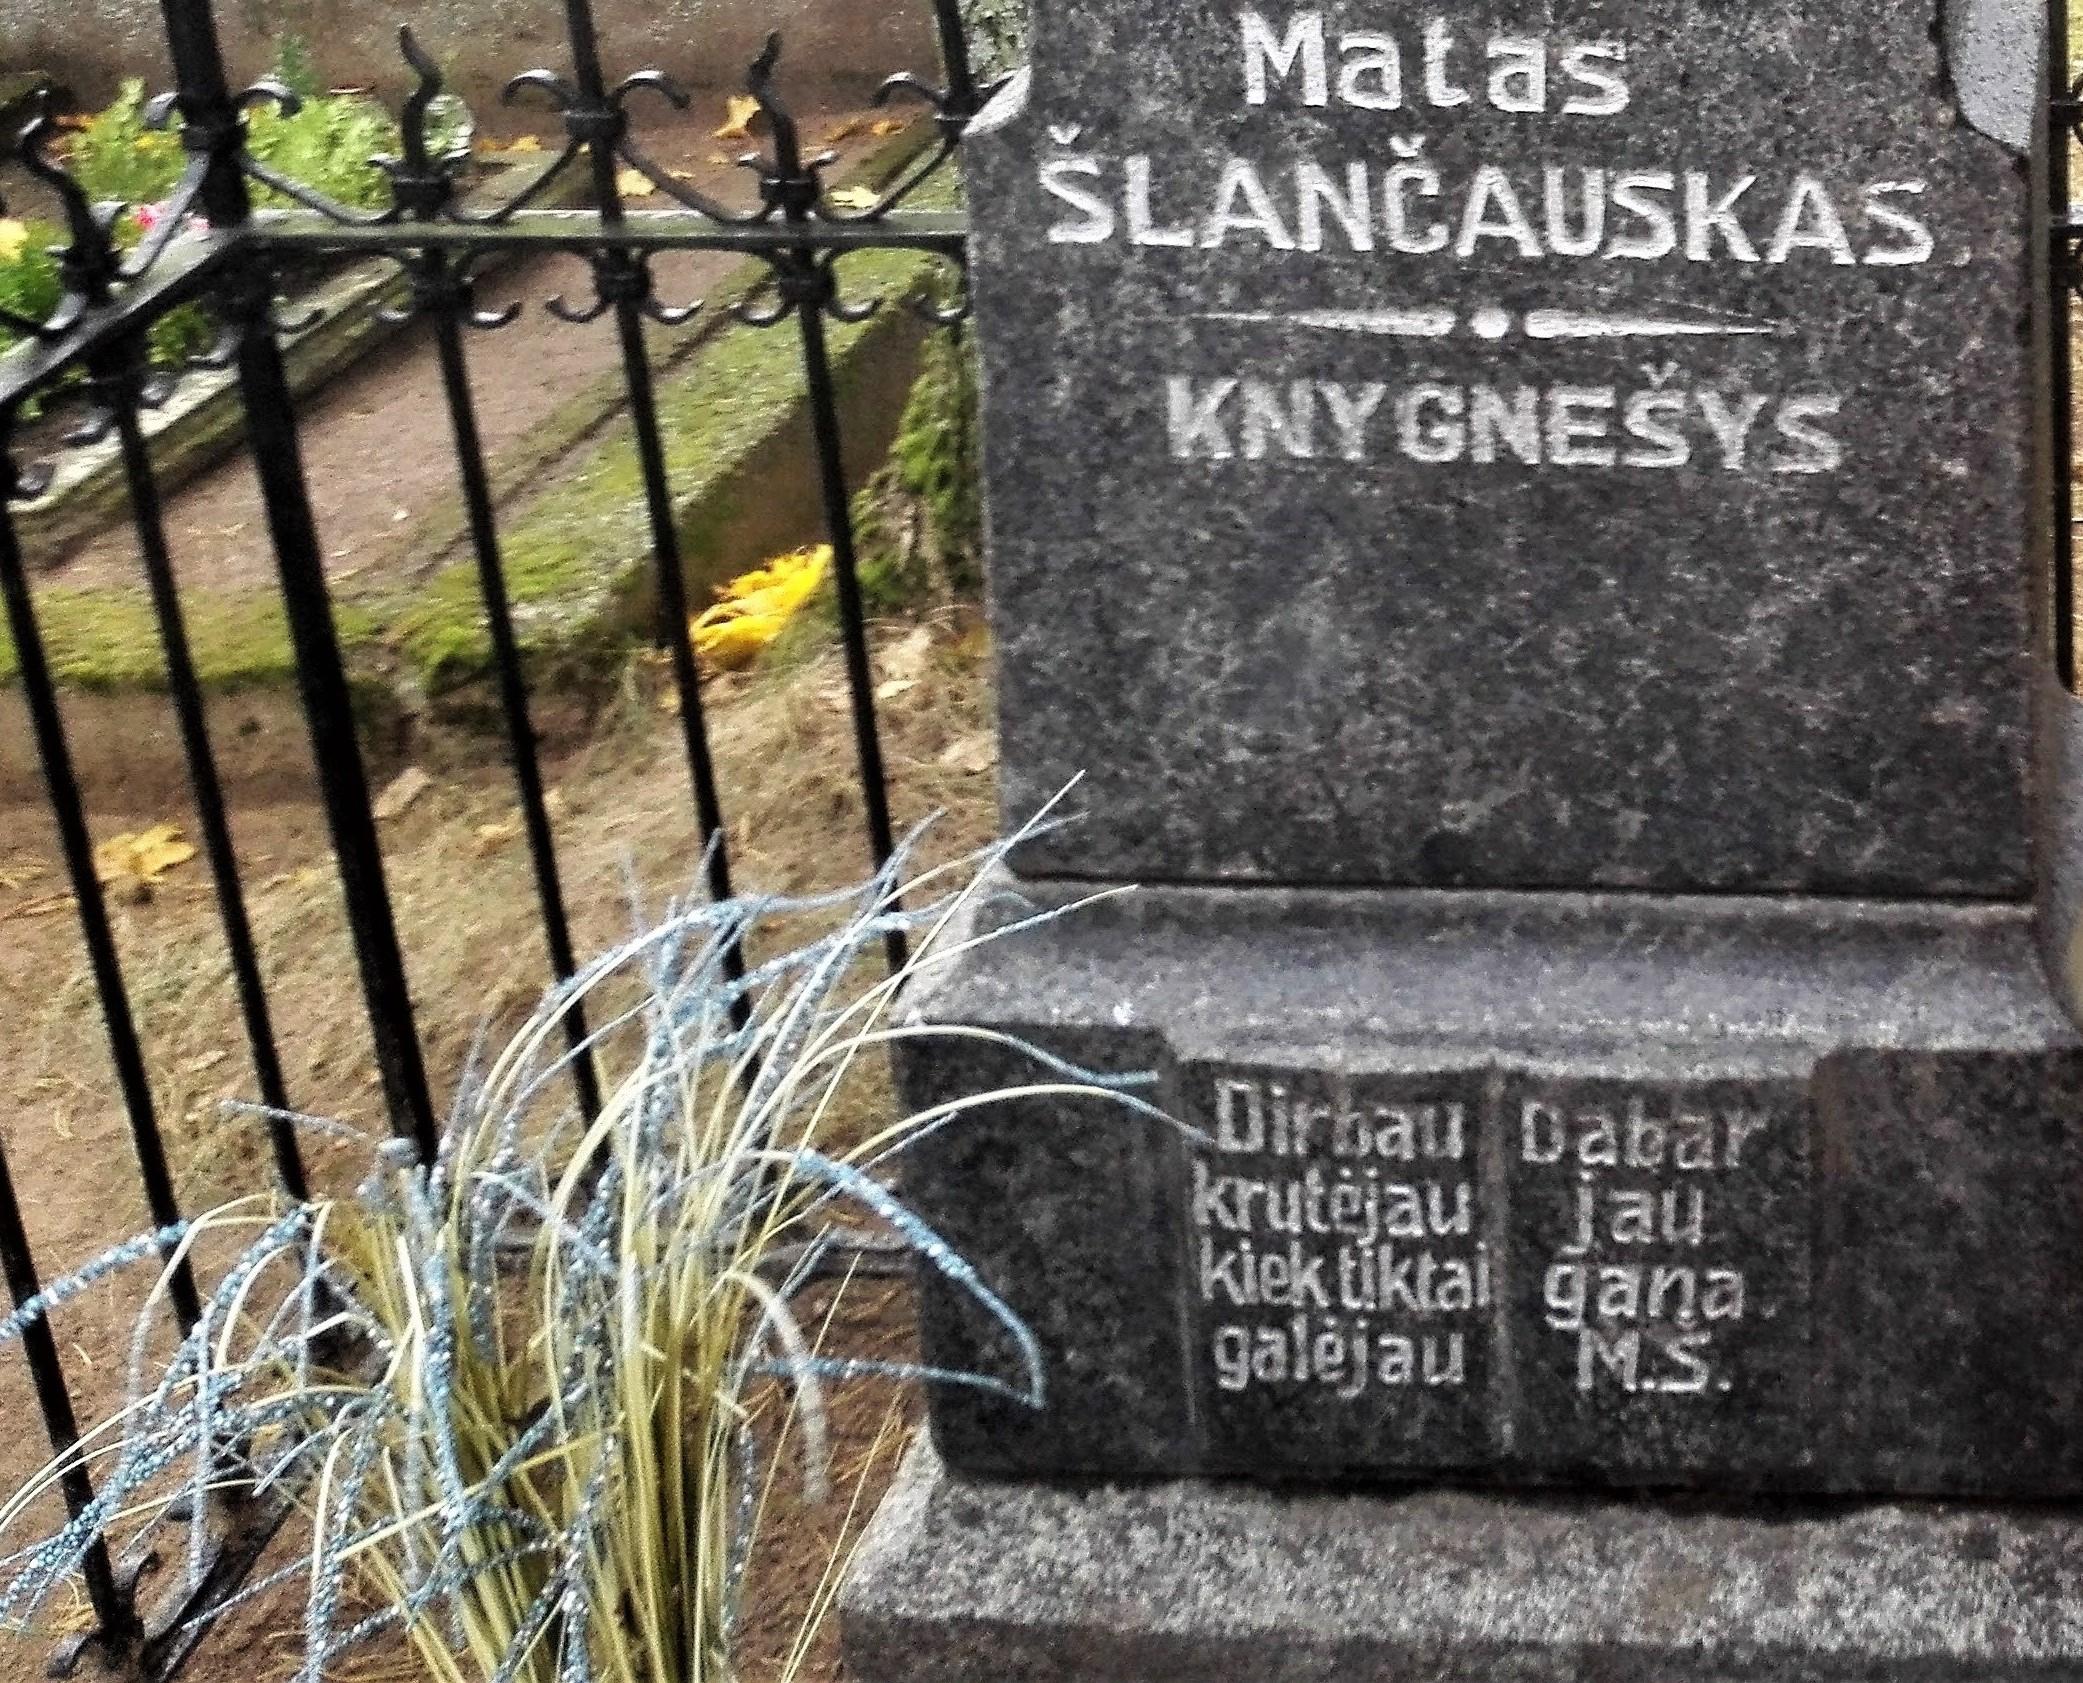 Mato Slanciausko žodžiai ant jo kapo paminklo Rudiškiuose Joiniškio raj   J. V.aiškūno nuotr., alkas.lt